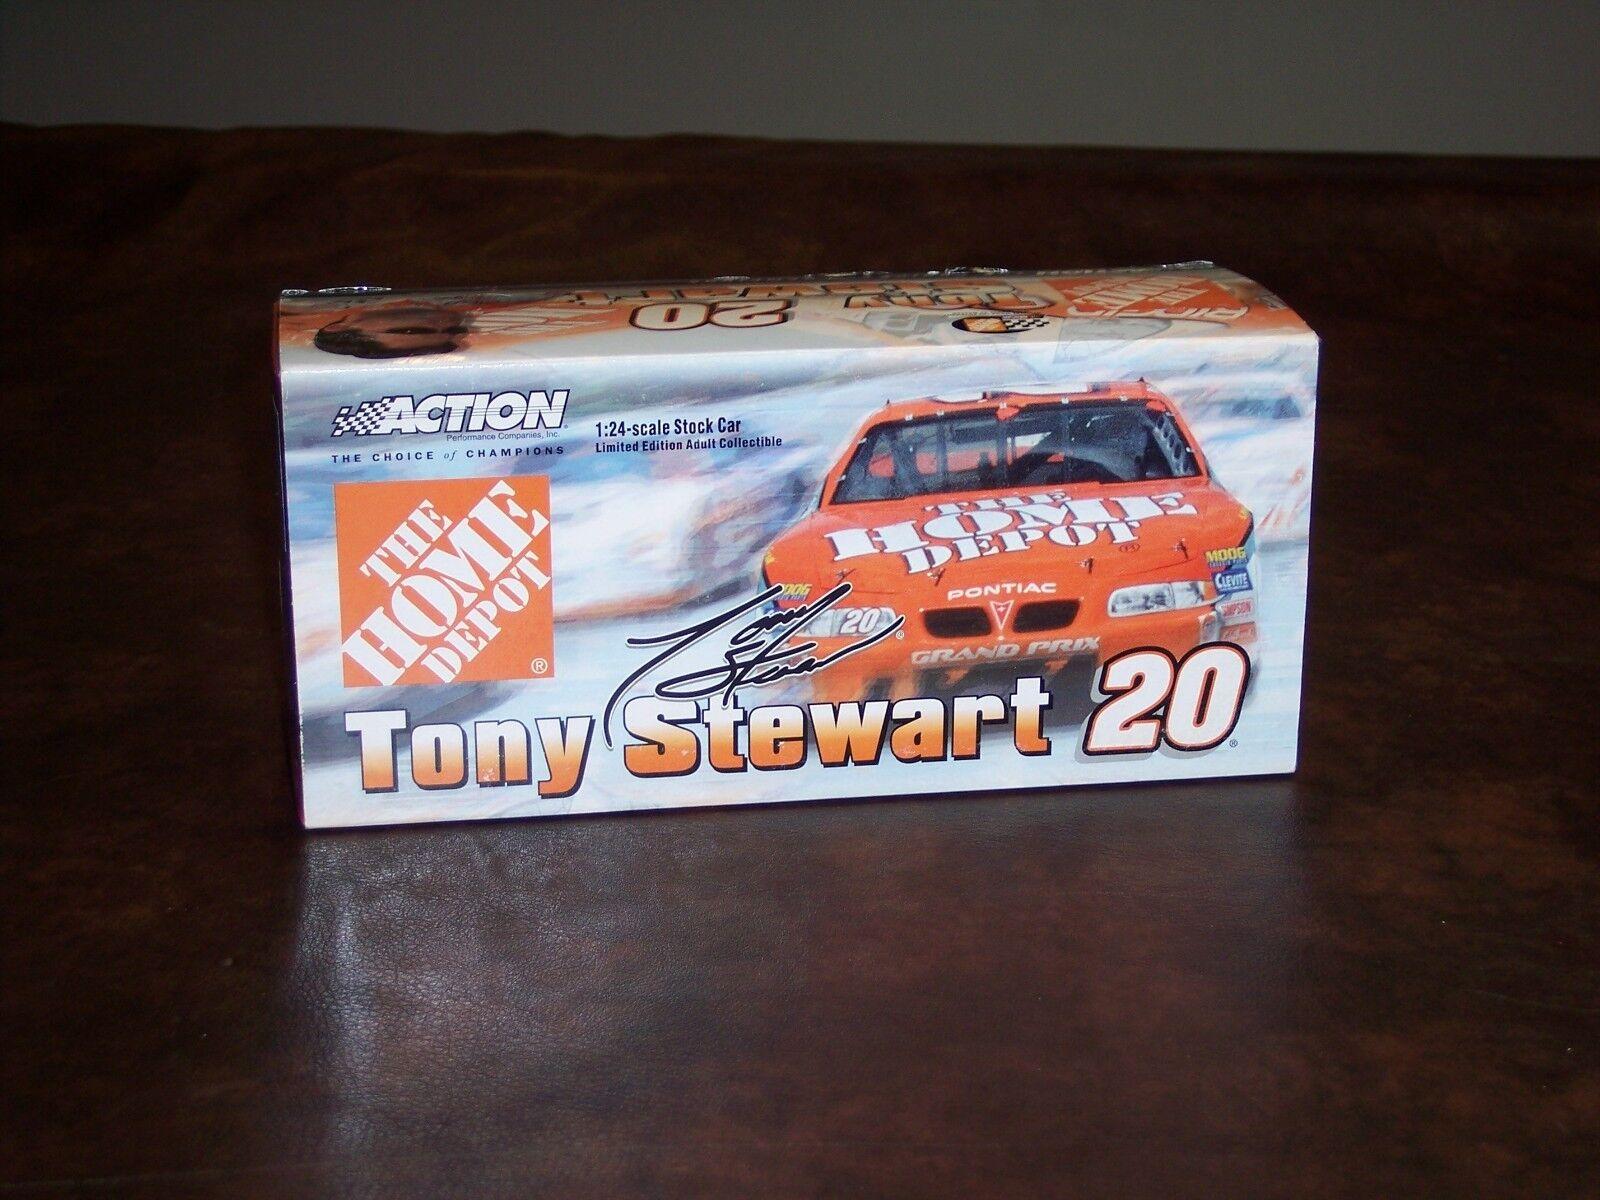 ACTION - TONY STEWART STEWART STEWART - PONTIAC - HOME DEPOT - orange - NEW - (HTF) 05161f